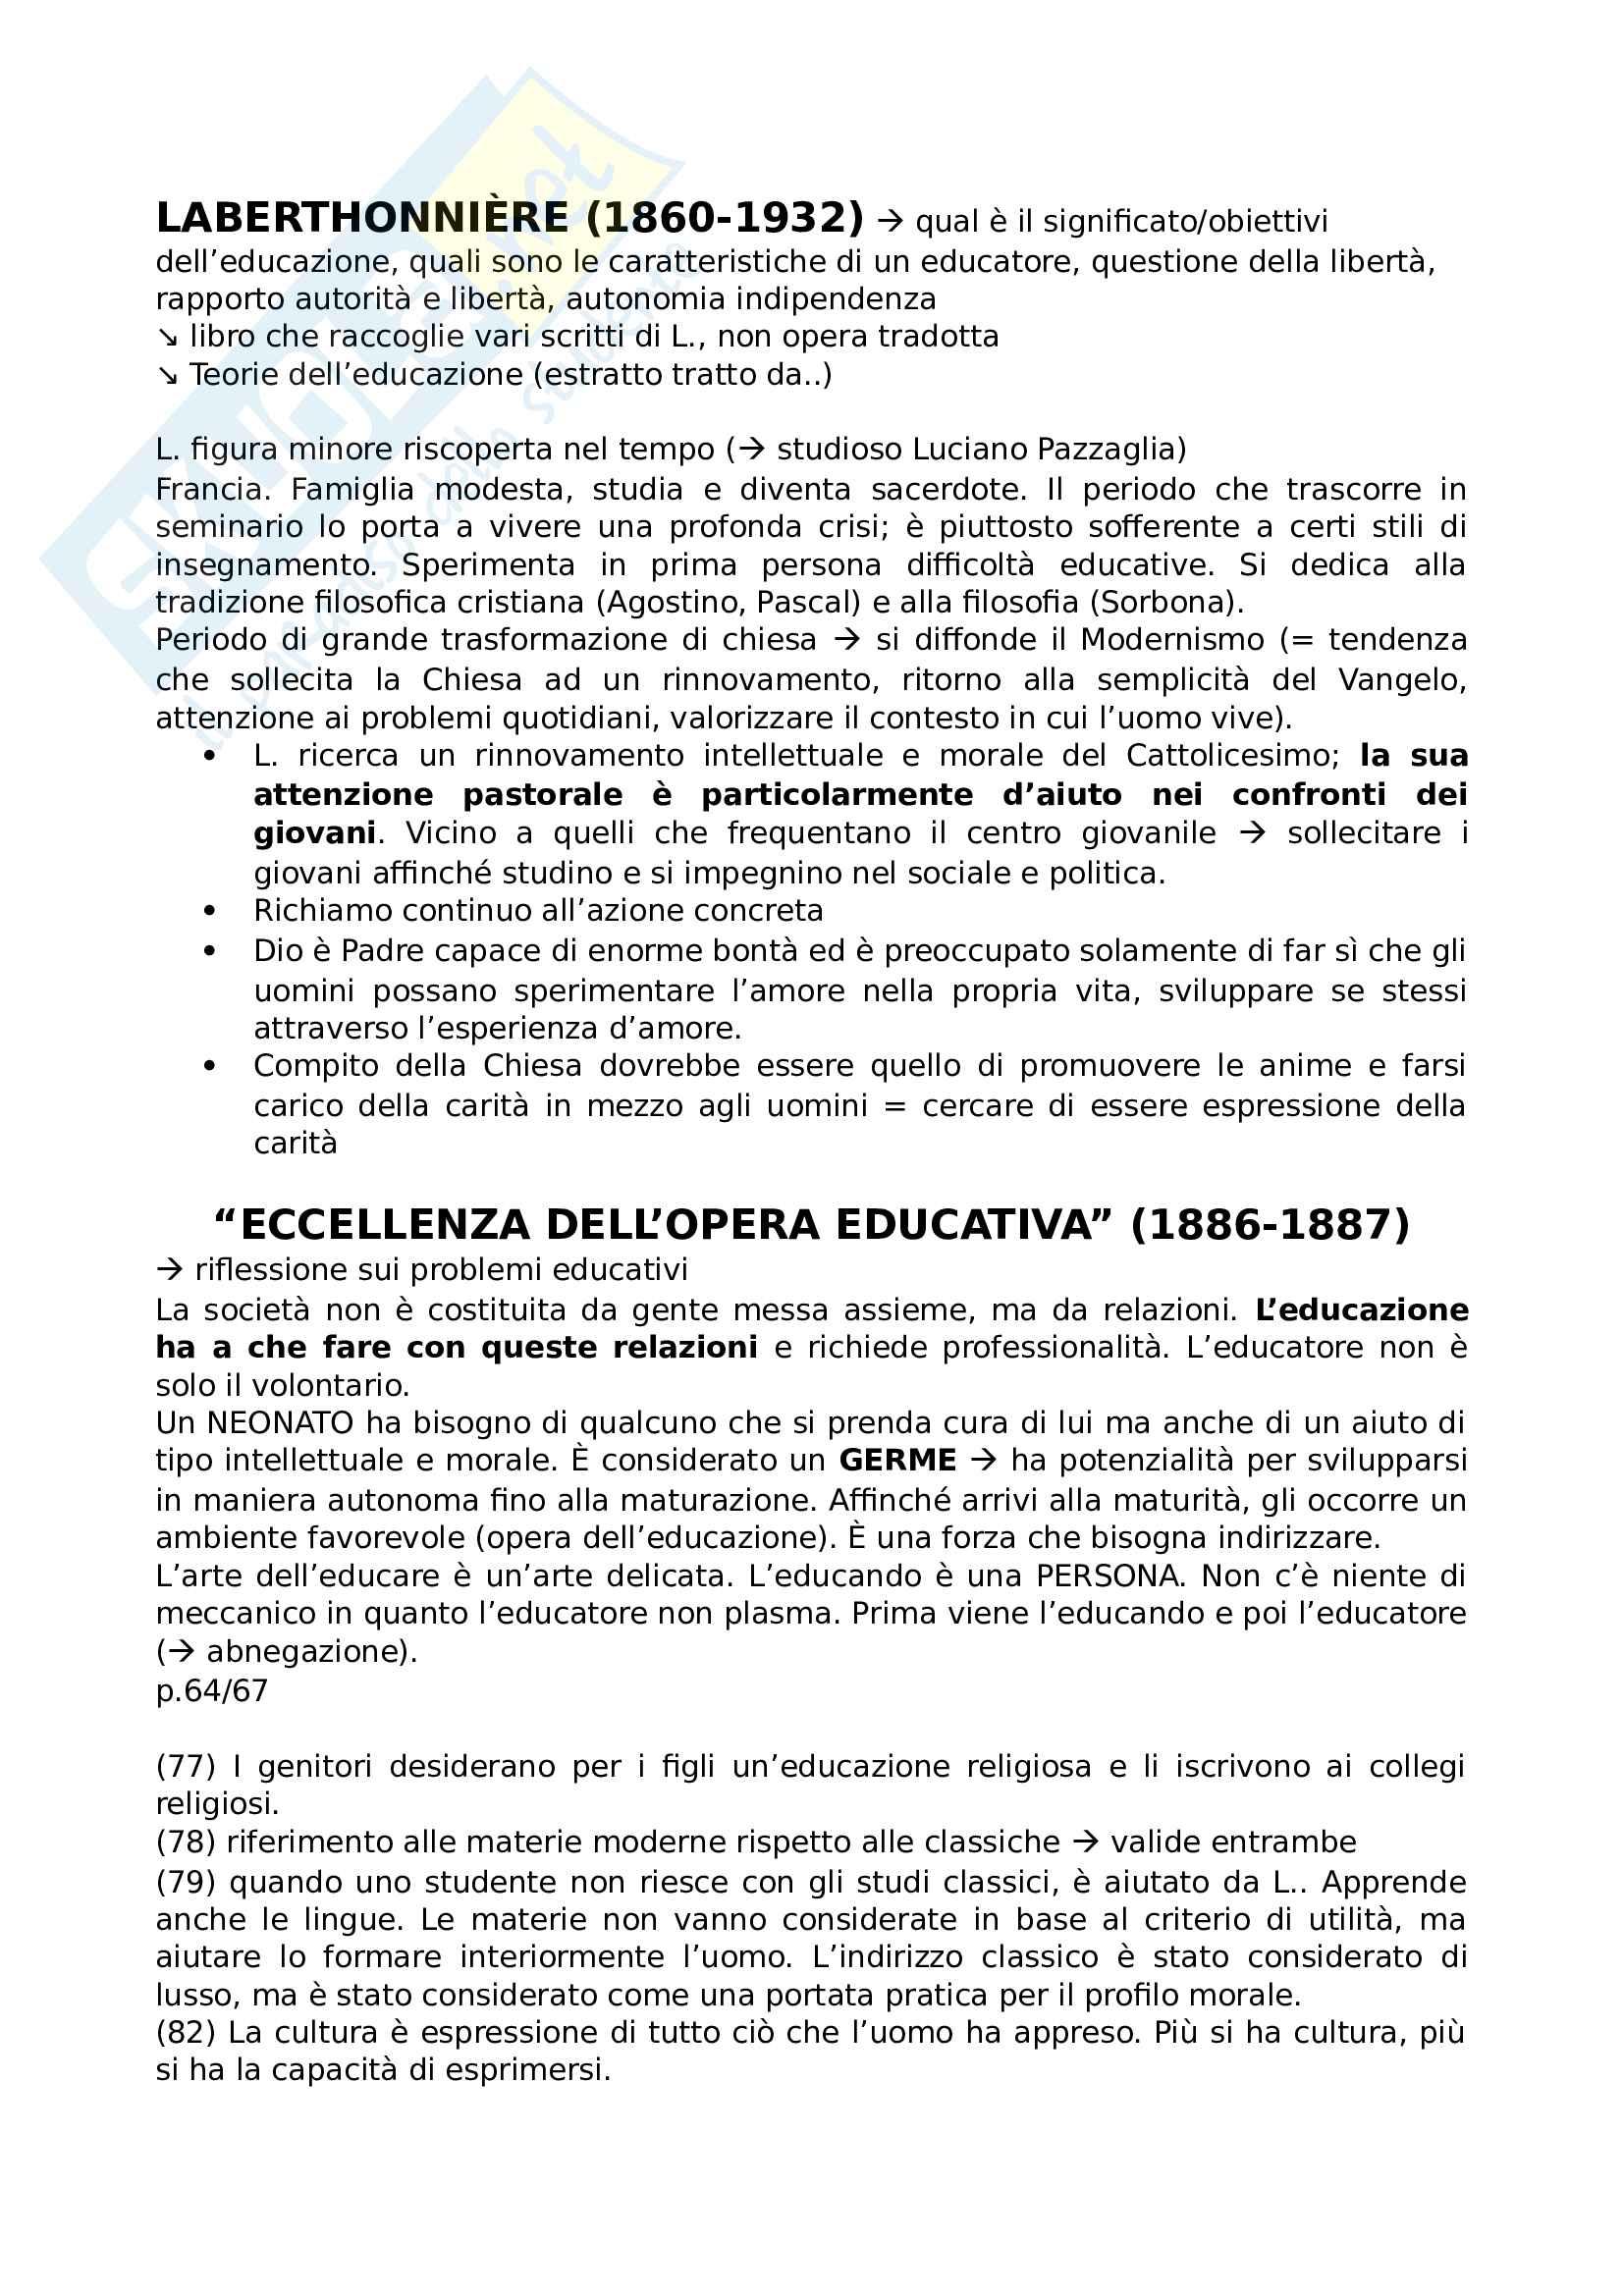 Riassunto esame Storia della pedagogia e dell'educazione, prof Dal Toso, libro consigliato Teoria dell'educazione e altri scritti pedagogici, Pazzaglia, Laberthonnière, La Scuola, Brescia 2014